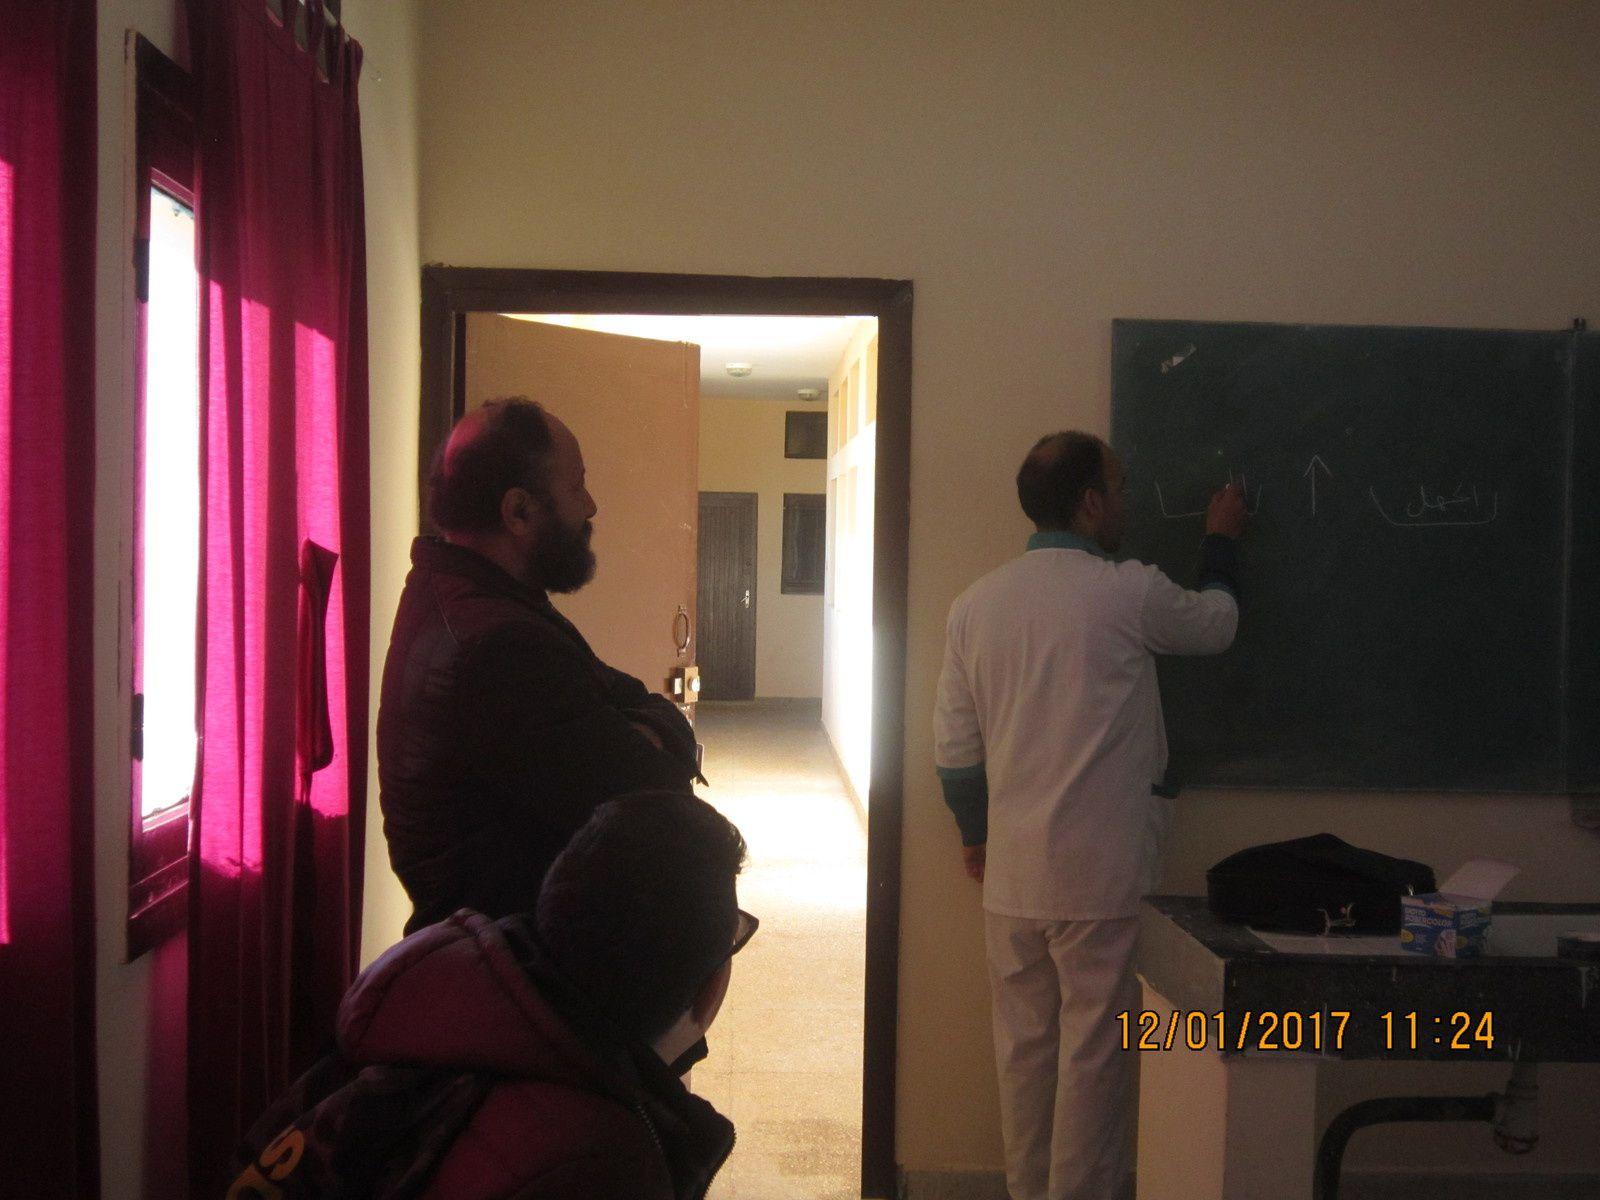 لقاء النادي البيئي مع أسرة الصحة و عرض الدكتورين خالد الوكيلي و معمول تحسيسا و توعية بأخطار مرض داء فقدان المناعة SIDA